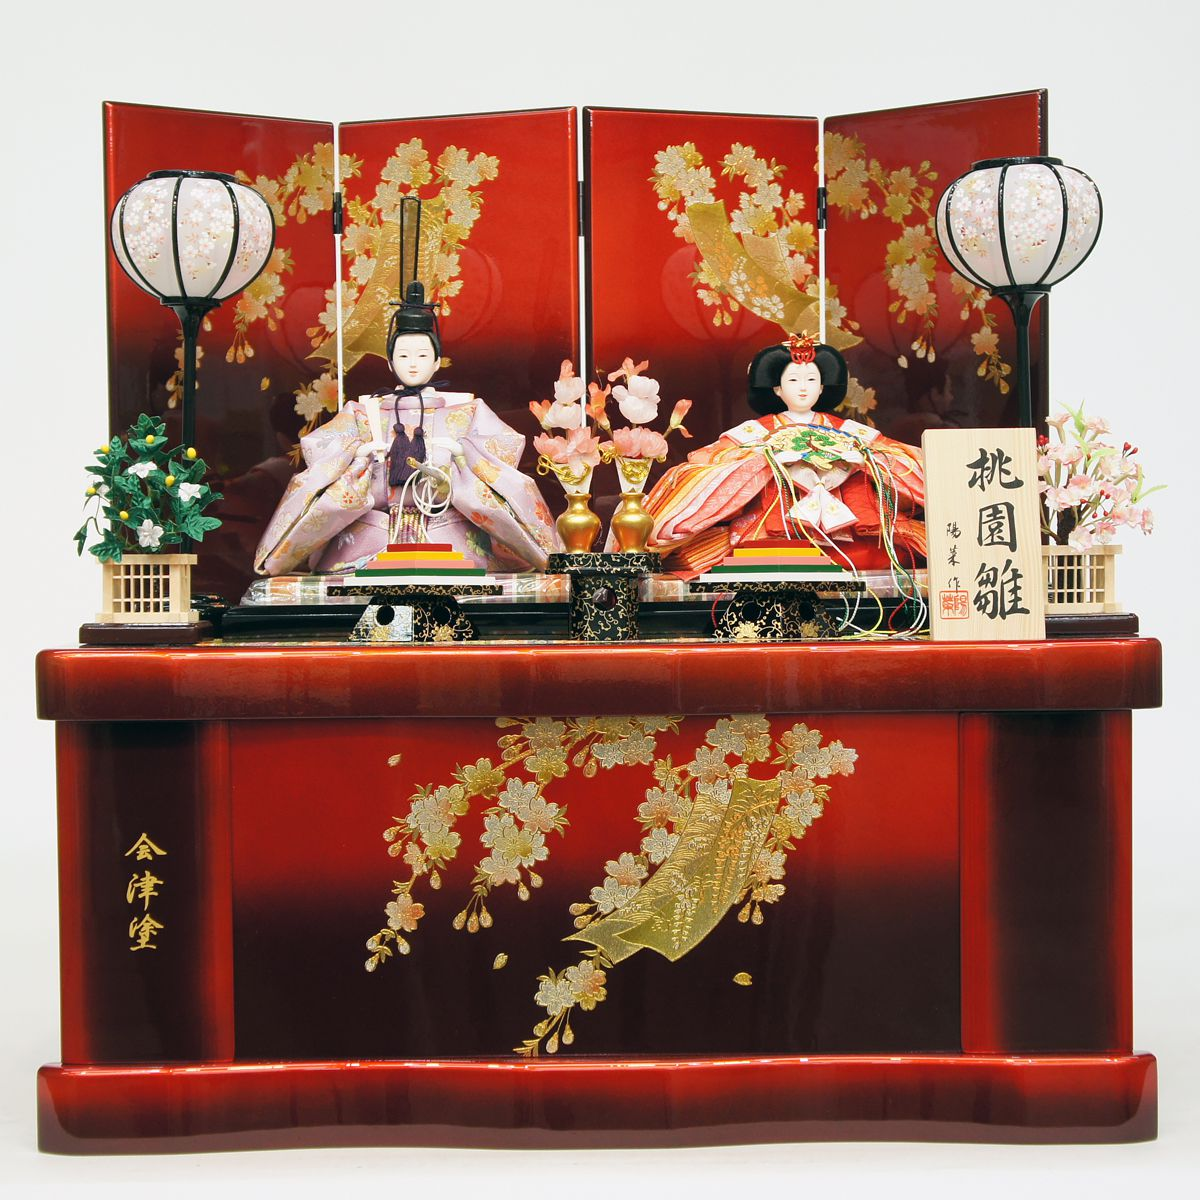 雛人形 コンパクト 収納飾り 陽菜作 会津塗り 桃園雛 親王収納飾り 雛人形 HNF-45ST1197ひな人形 かわいい おしゃれ インテリア 雛 コンパクト収納飾り